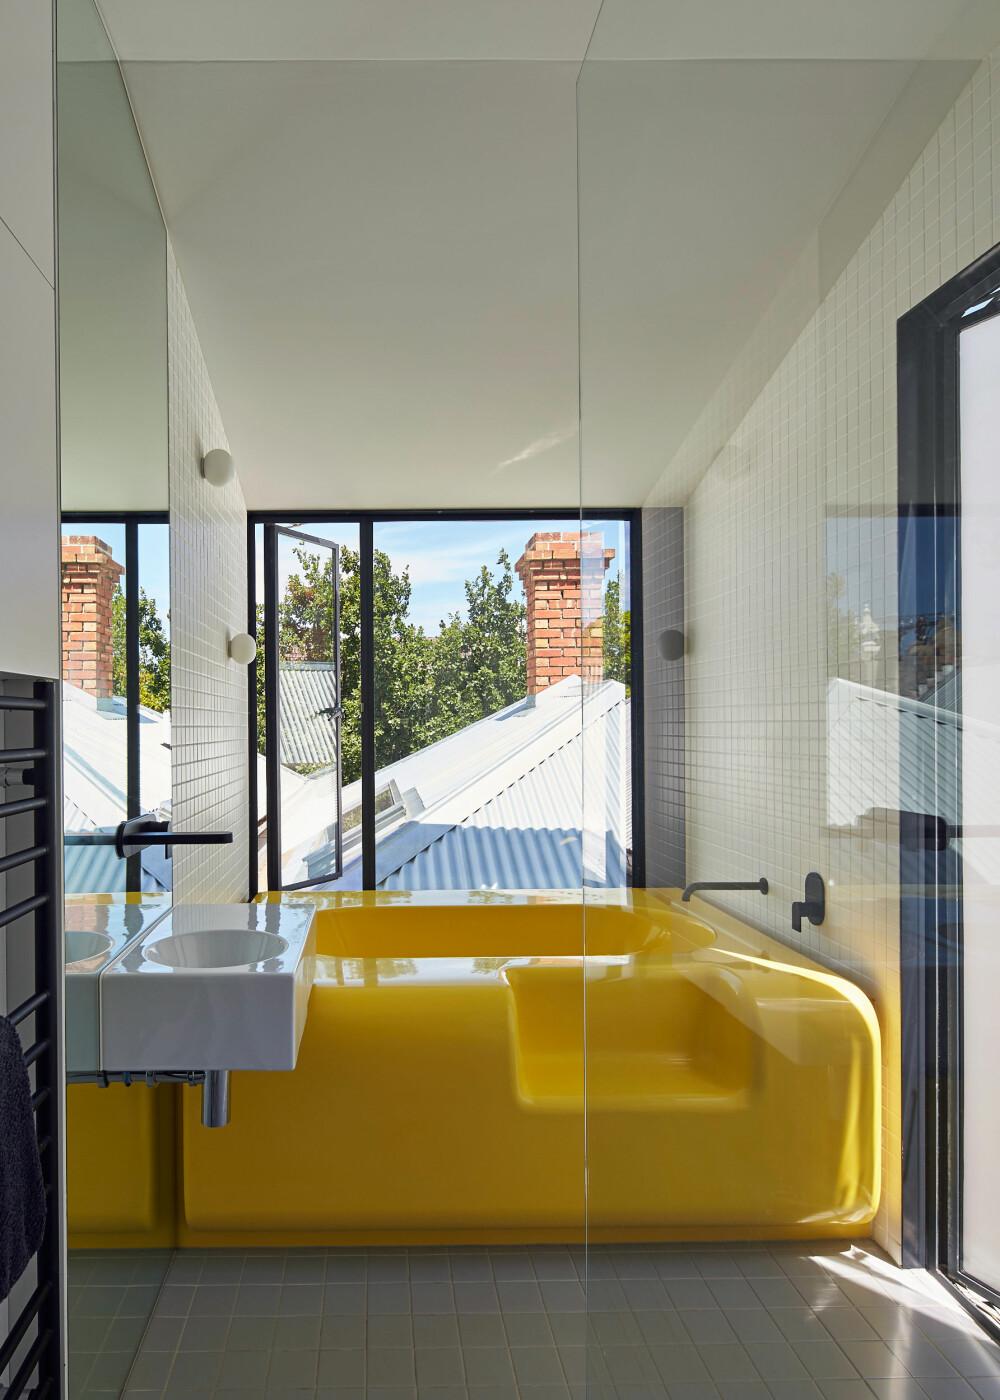 """RETT OPP I BADEKARET: Med et plassbygget badekar kan man også tilpasse """"ombordstigningen"""" etter eget behov og ønsker."""